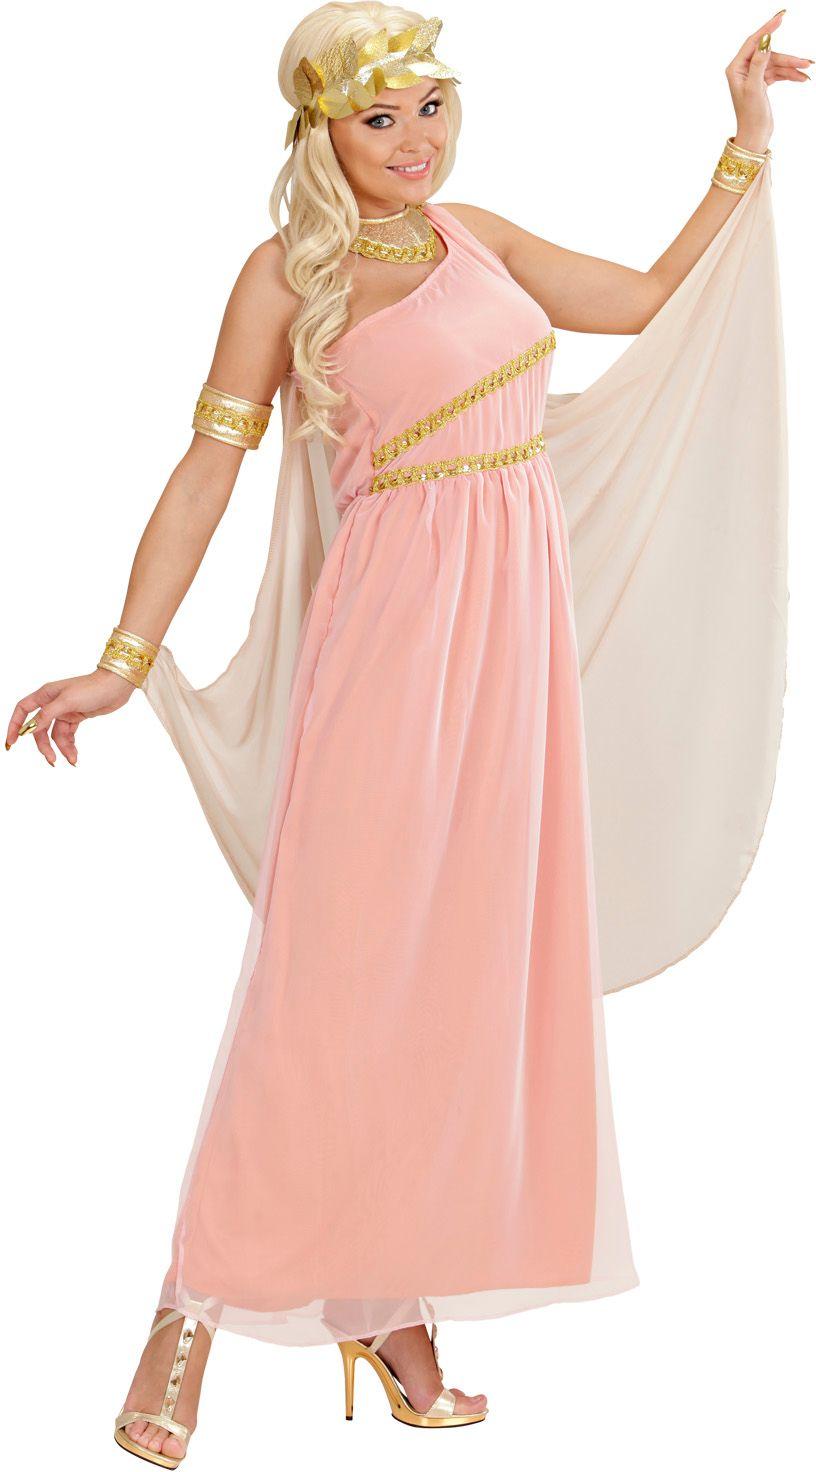 Griekse godin van de liefde